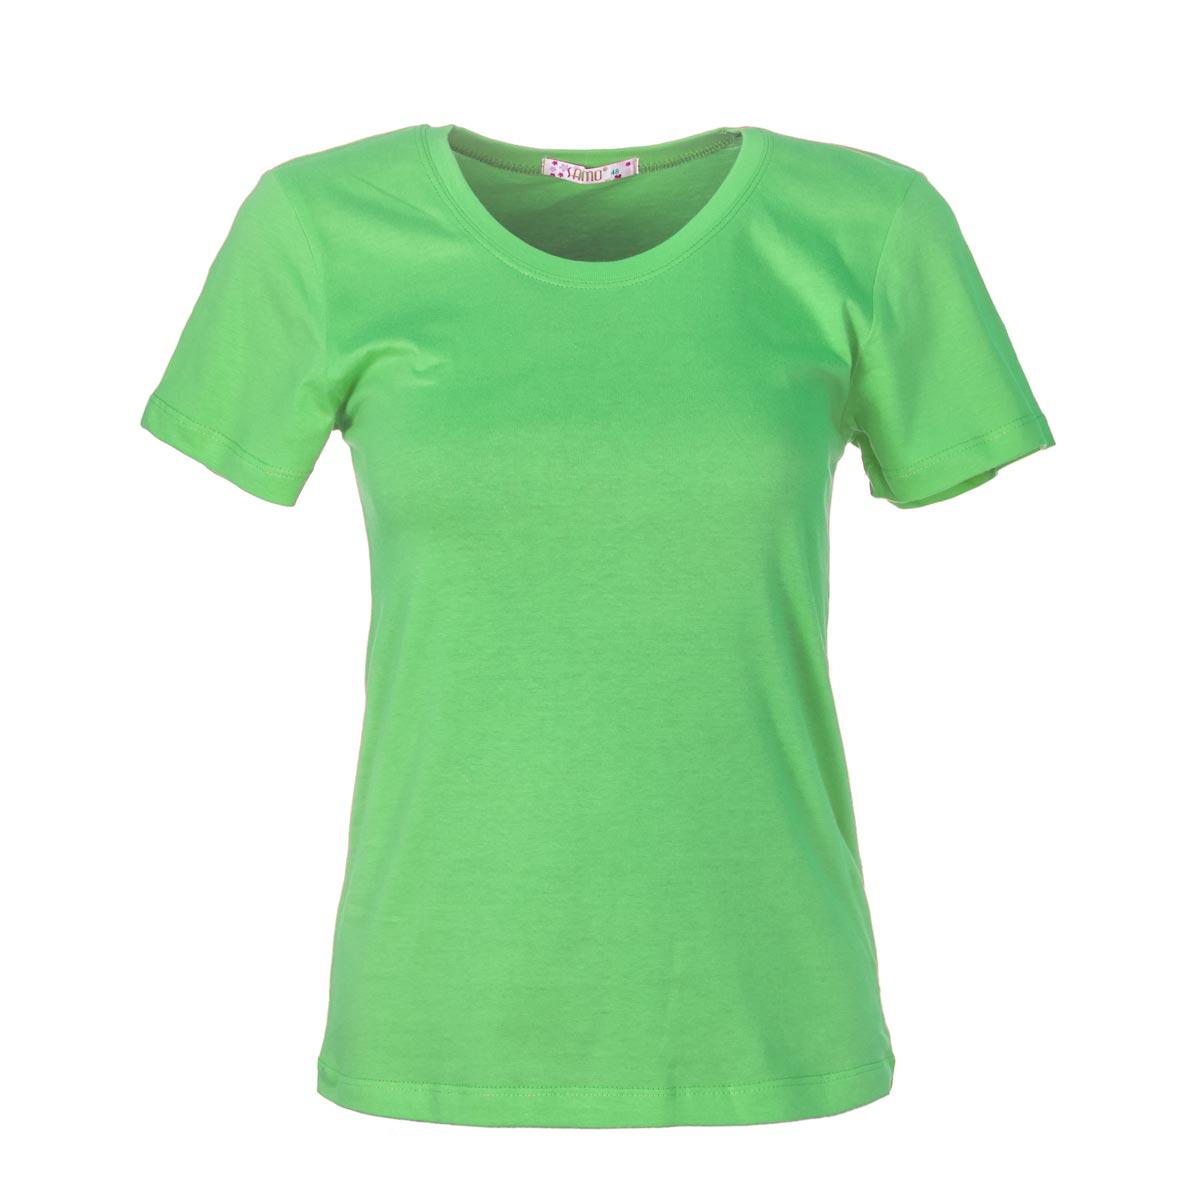 Жен. футболка арт. 04-0045 Зеленый р. 52Майки и футболки<br>Фактический ОГ:90 см<br>Фактический ОТ:88 см<br>Фактический ОБ:98 см<br>Длина по спинке:62 см<br>Рост:164-170 см<br><br>Тип: Жен. футболка<br>Размер: 52<br>Материал: Супрем